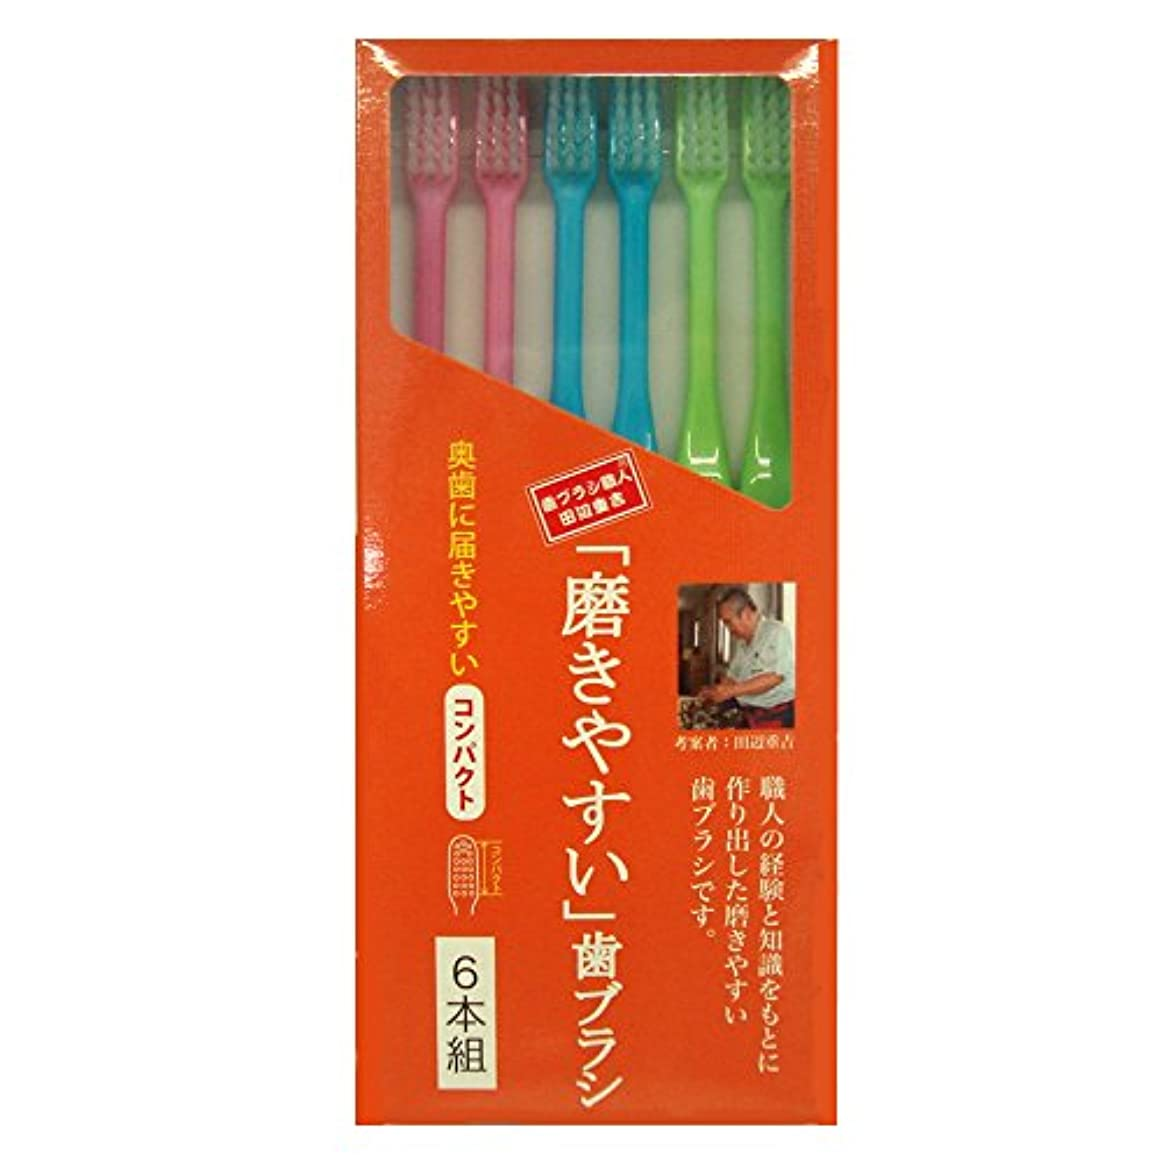 養う規範研磨剤磨きやすい歯ブラシ 6本組 コンパクトタイプ